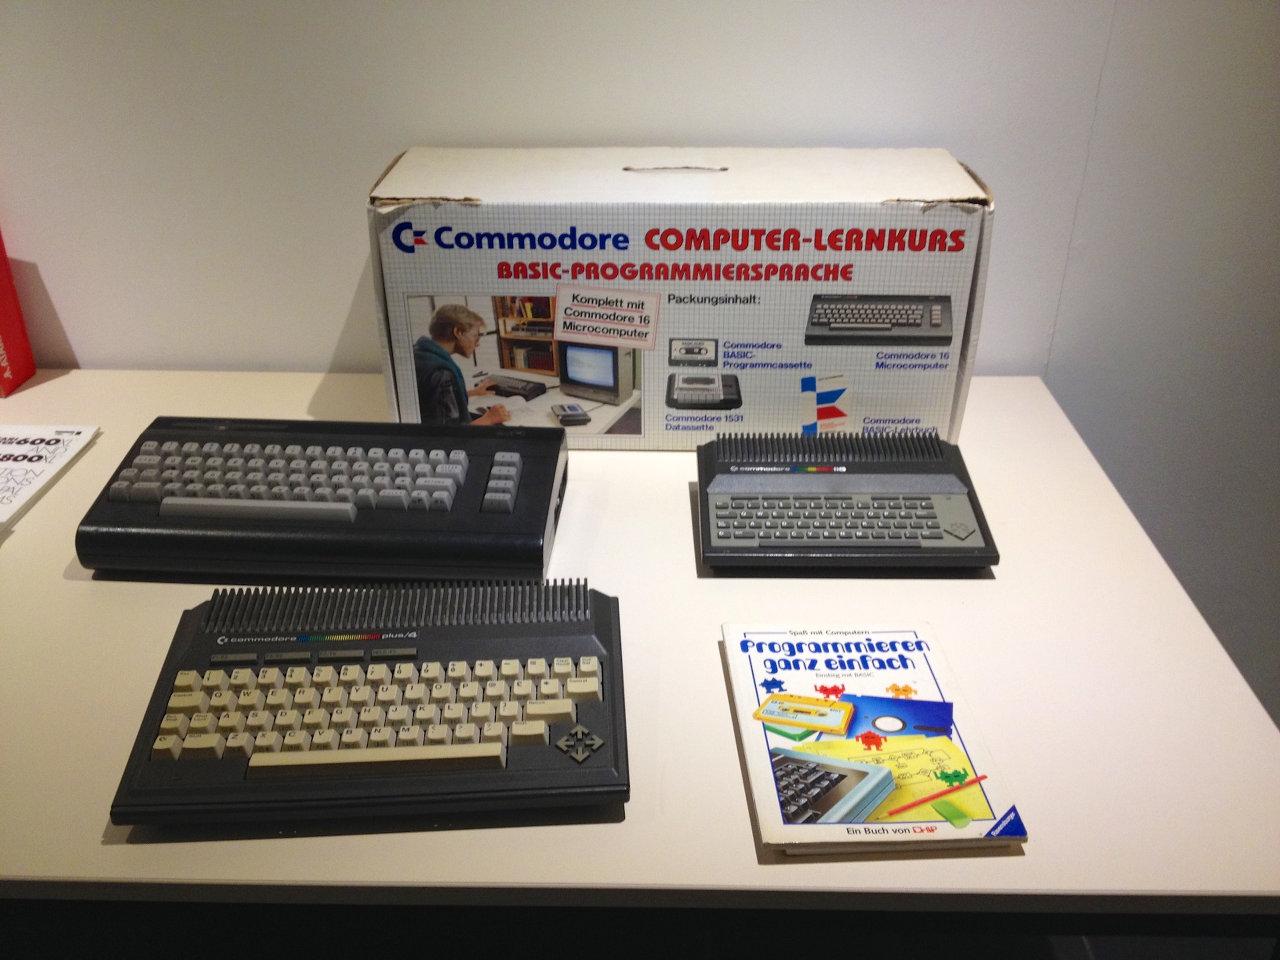 264er-Familienfoto: die Heimcomputer C16, C116 und Plus/4 von Commodore. (Bild: André Eymann)